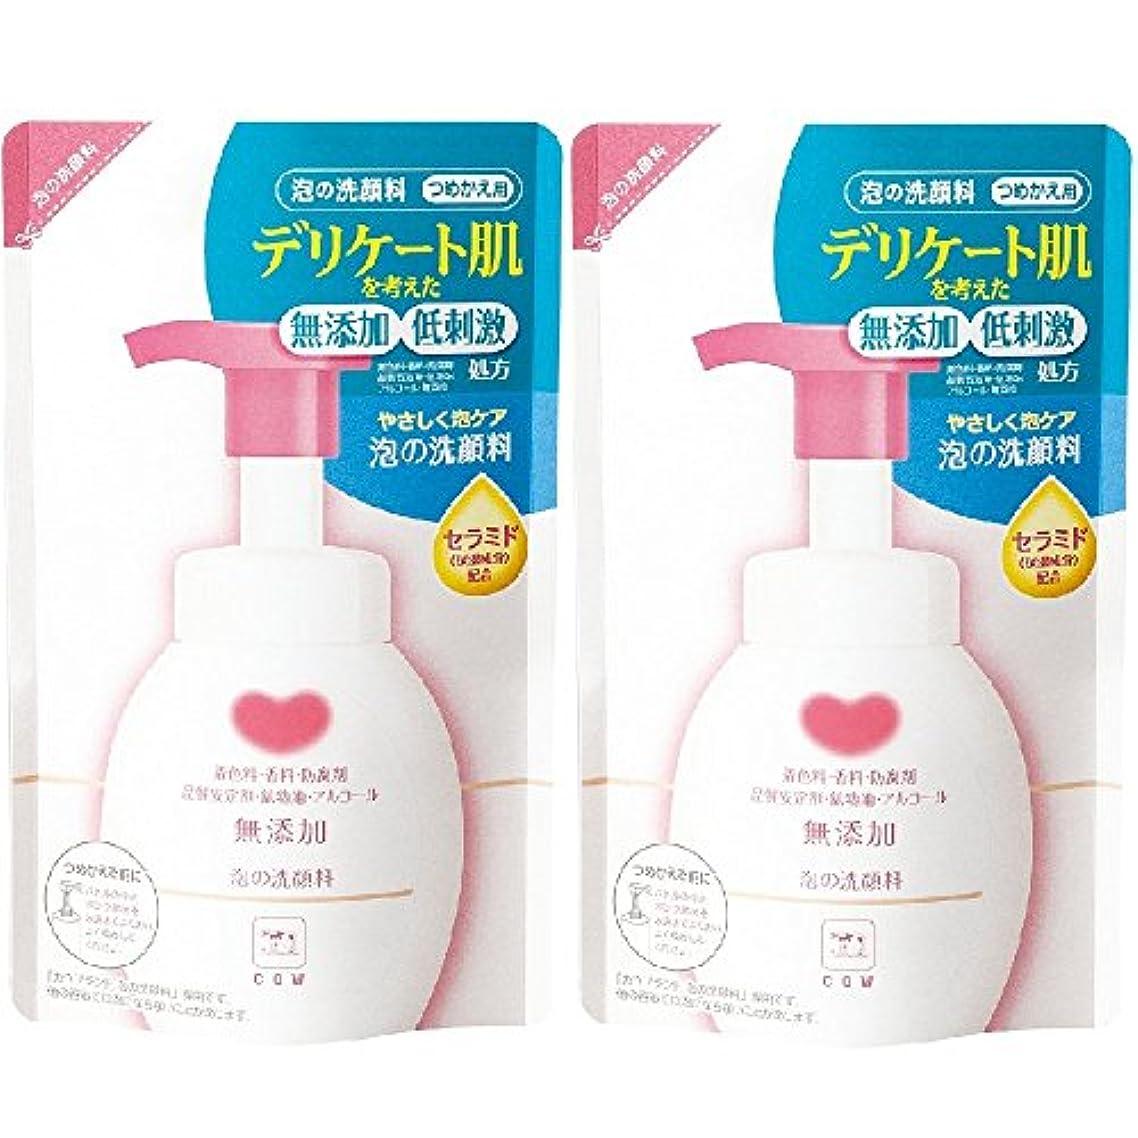 バックグラウンドスマートデータベースカウブランド 無添加 泡の洗顔料 詰替用 2個組 (180mL×2個)